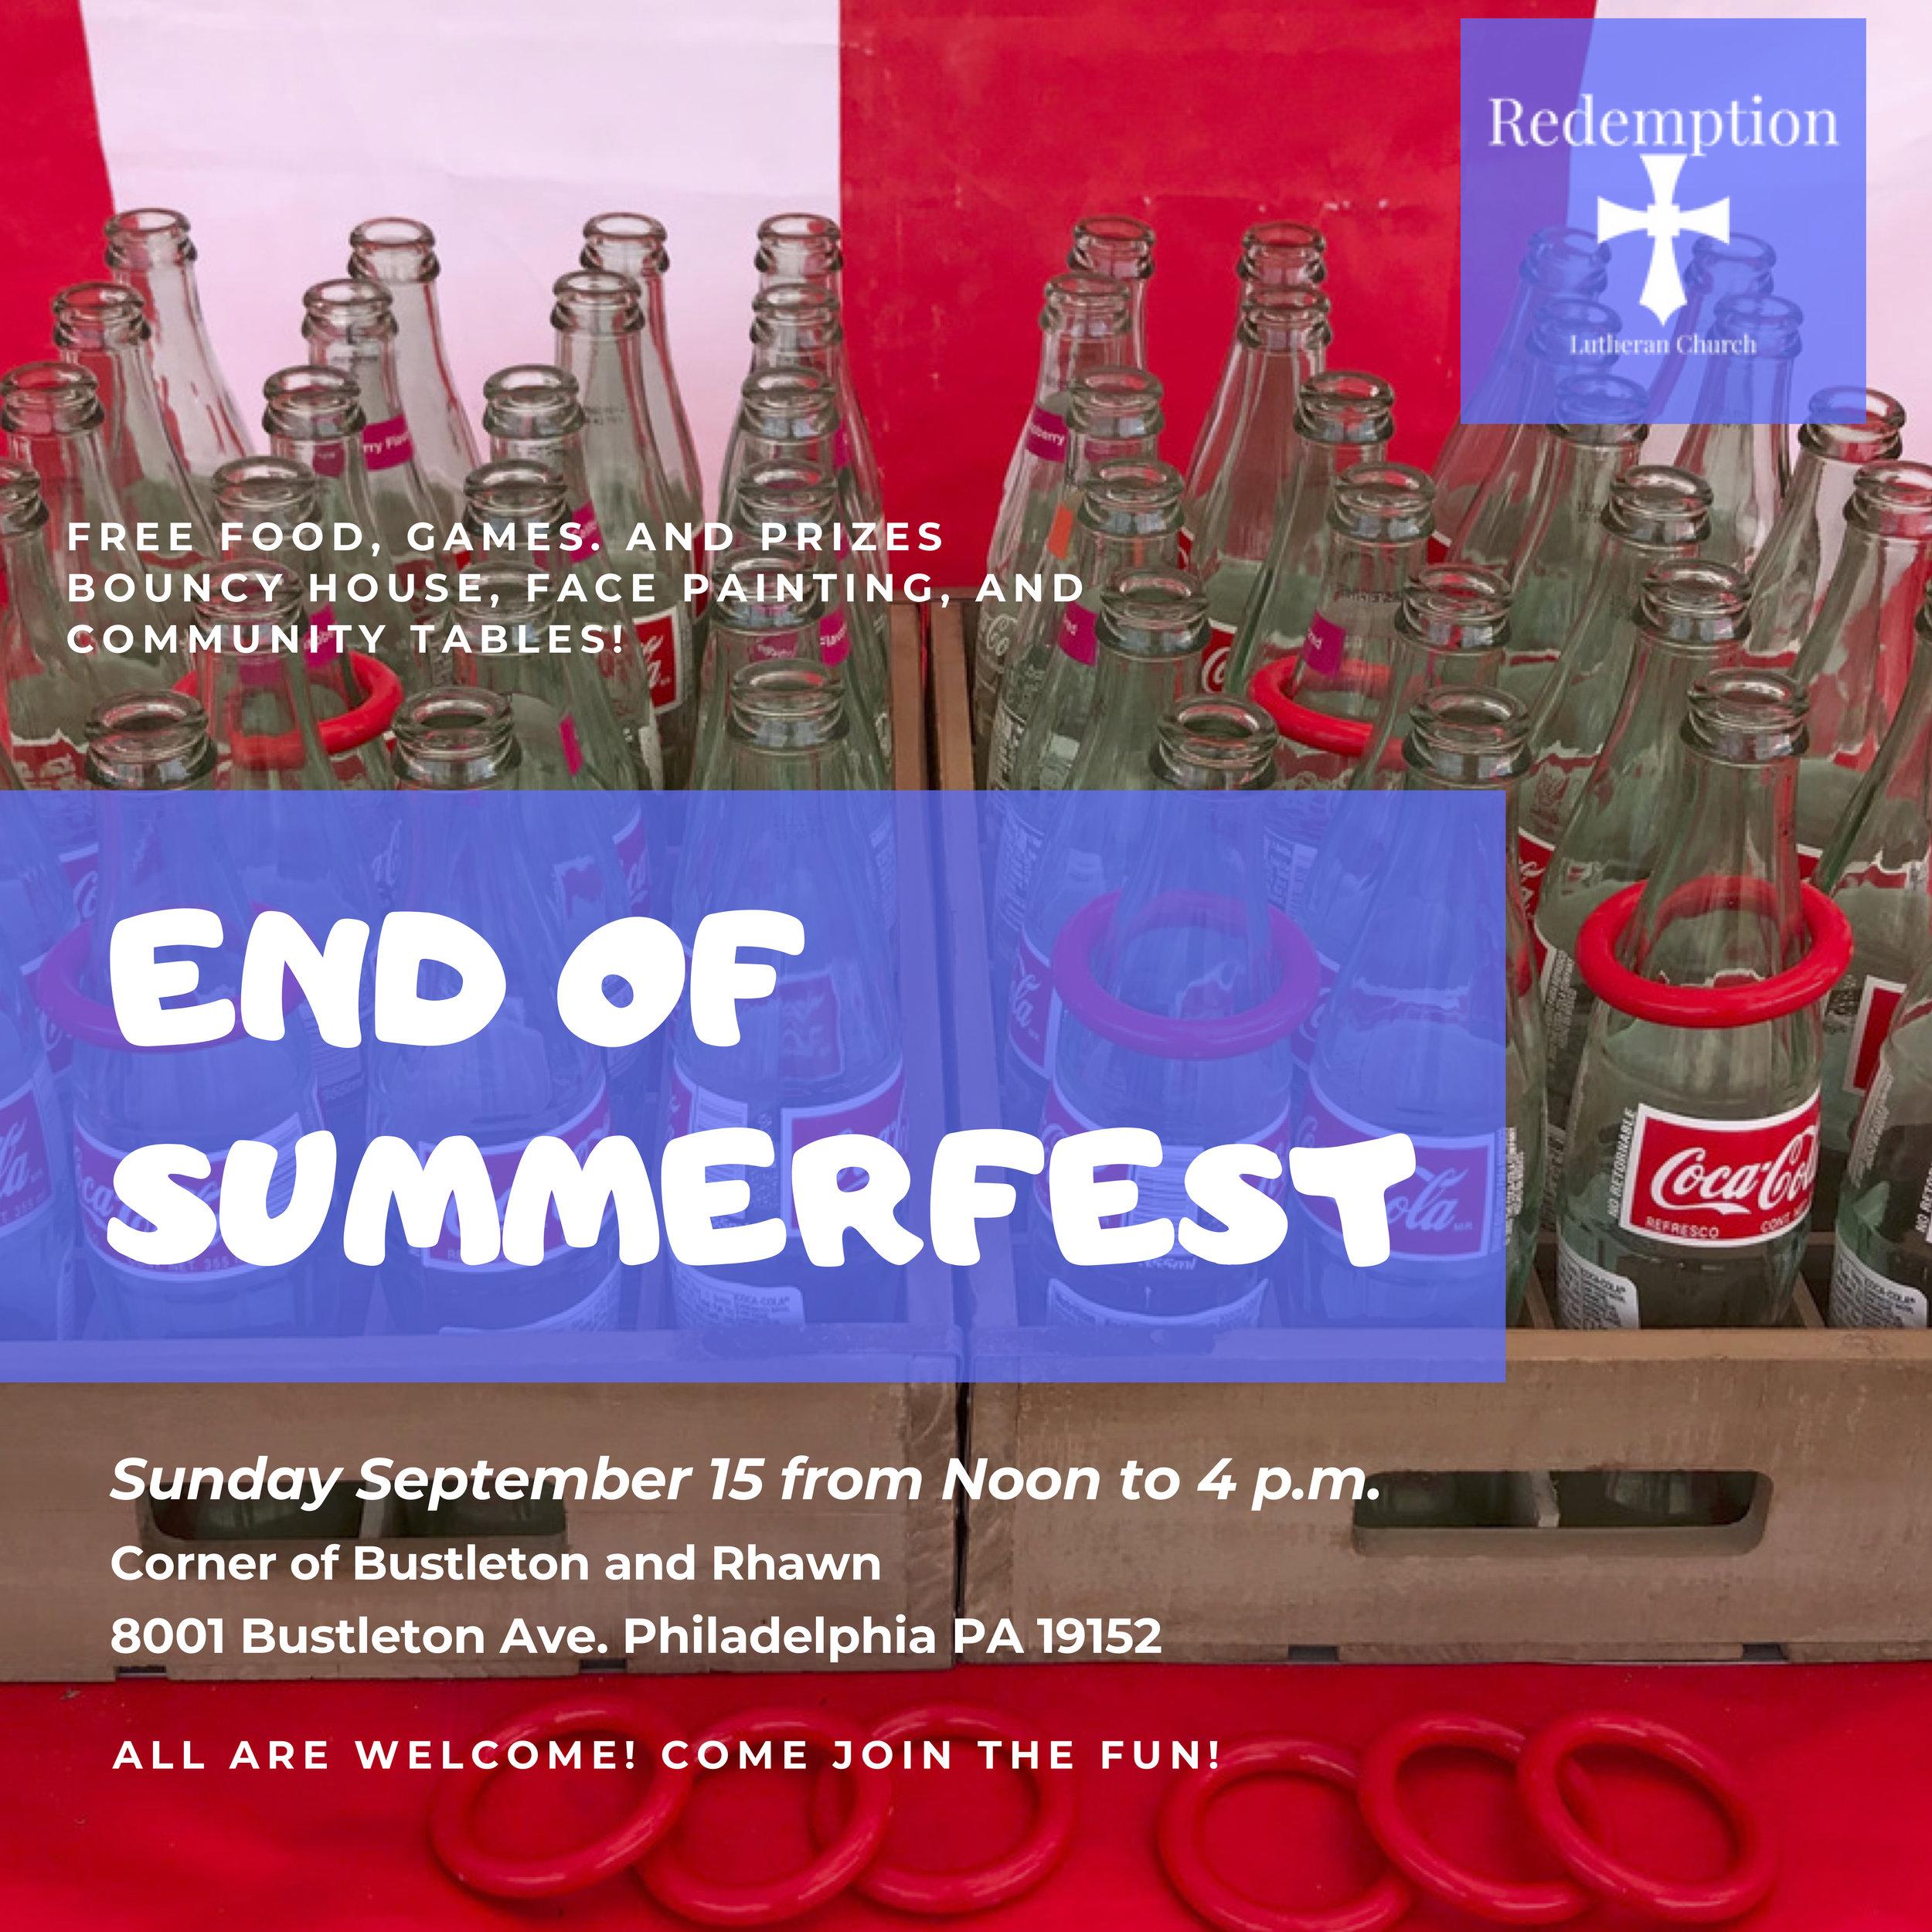 End of Summerfest Invite.jpg